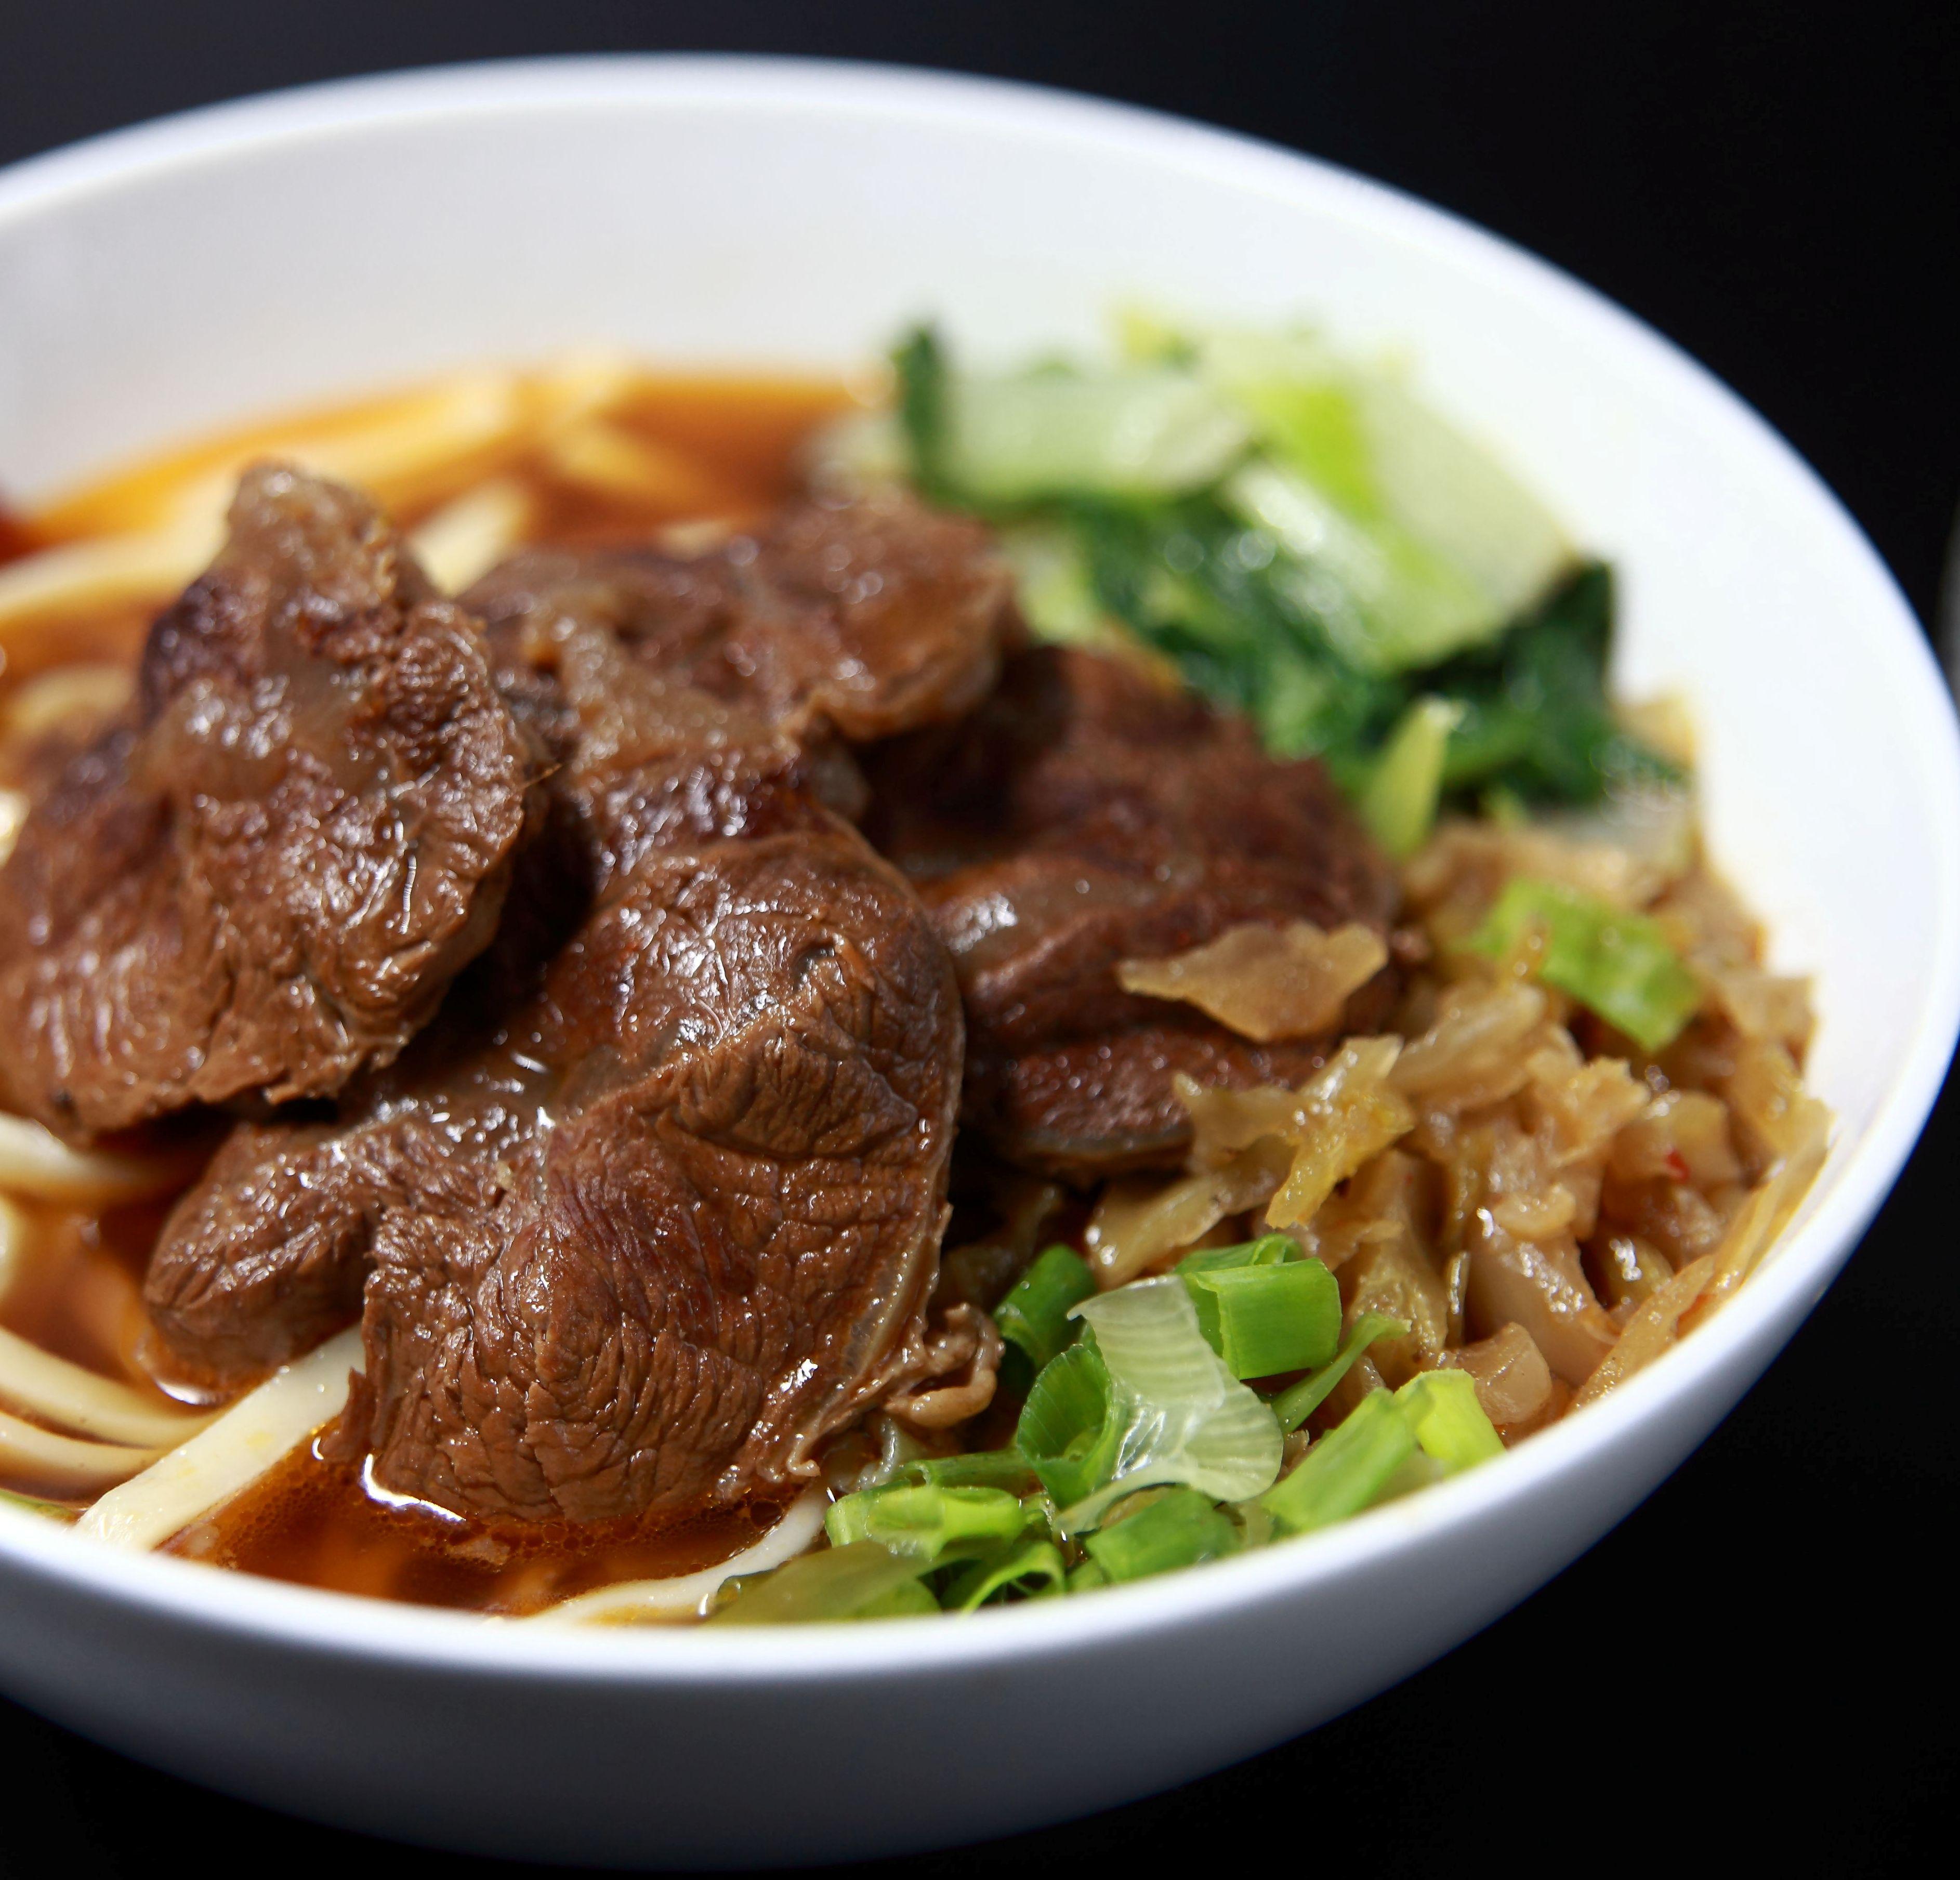 傳統香辣牛肉湯 600g 【龍岡圓環】香辣帶勁又夠味,牛肉軟嫩富膠質